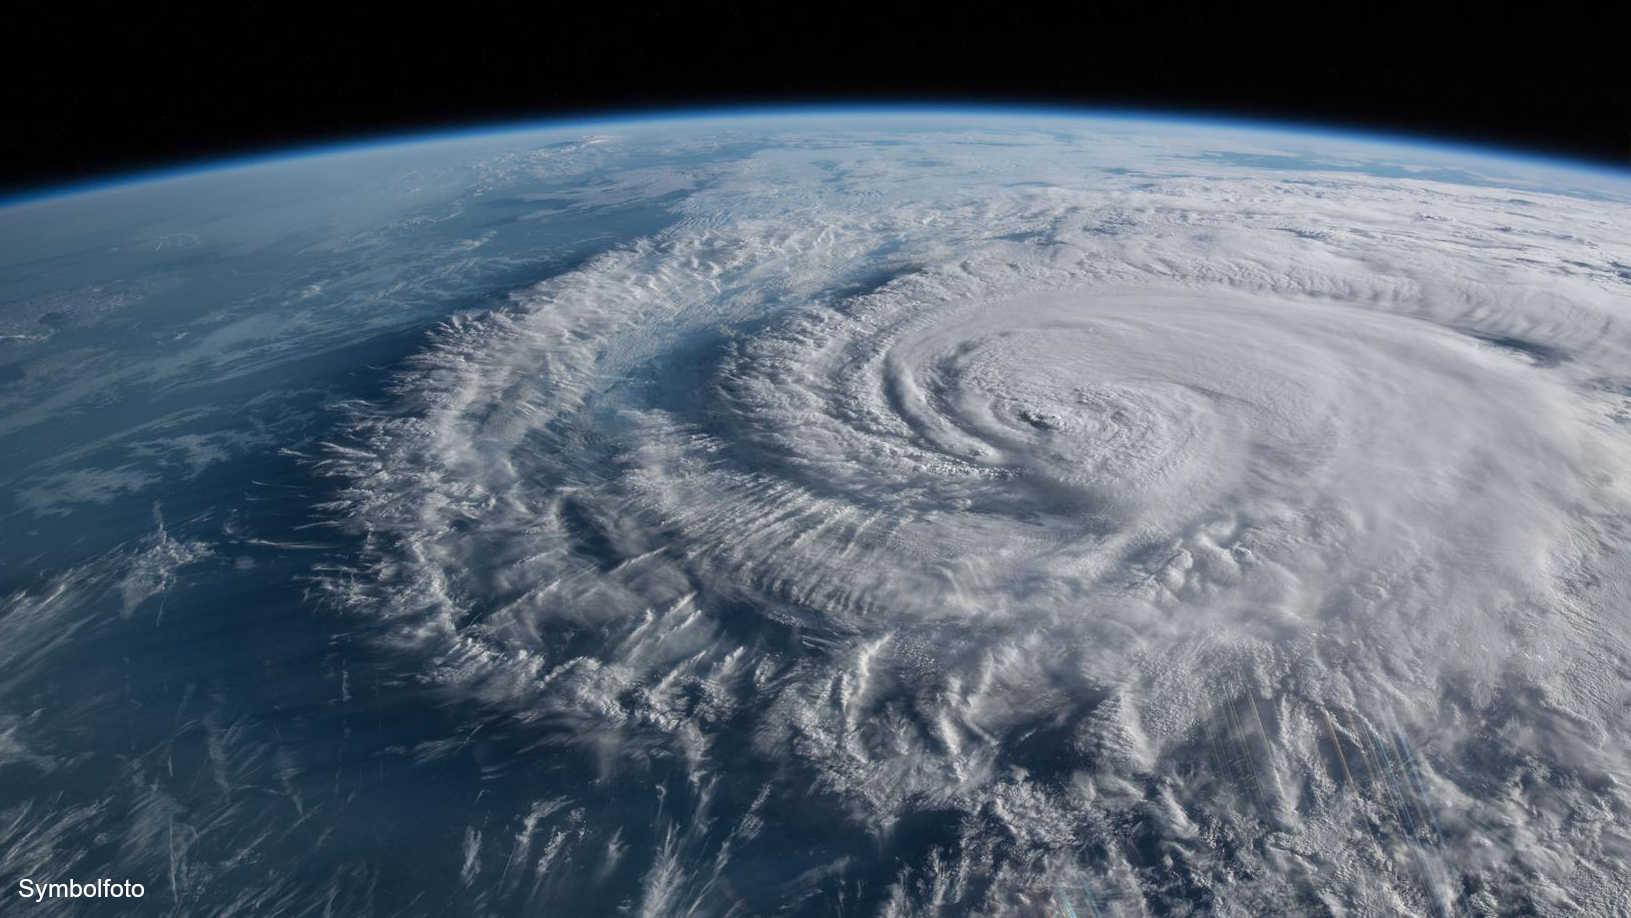 Hurrikan Florence von der Internationalen Raumstation aus aufgenommen.